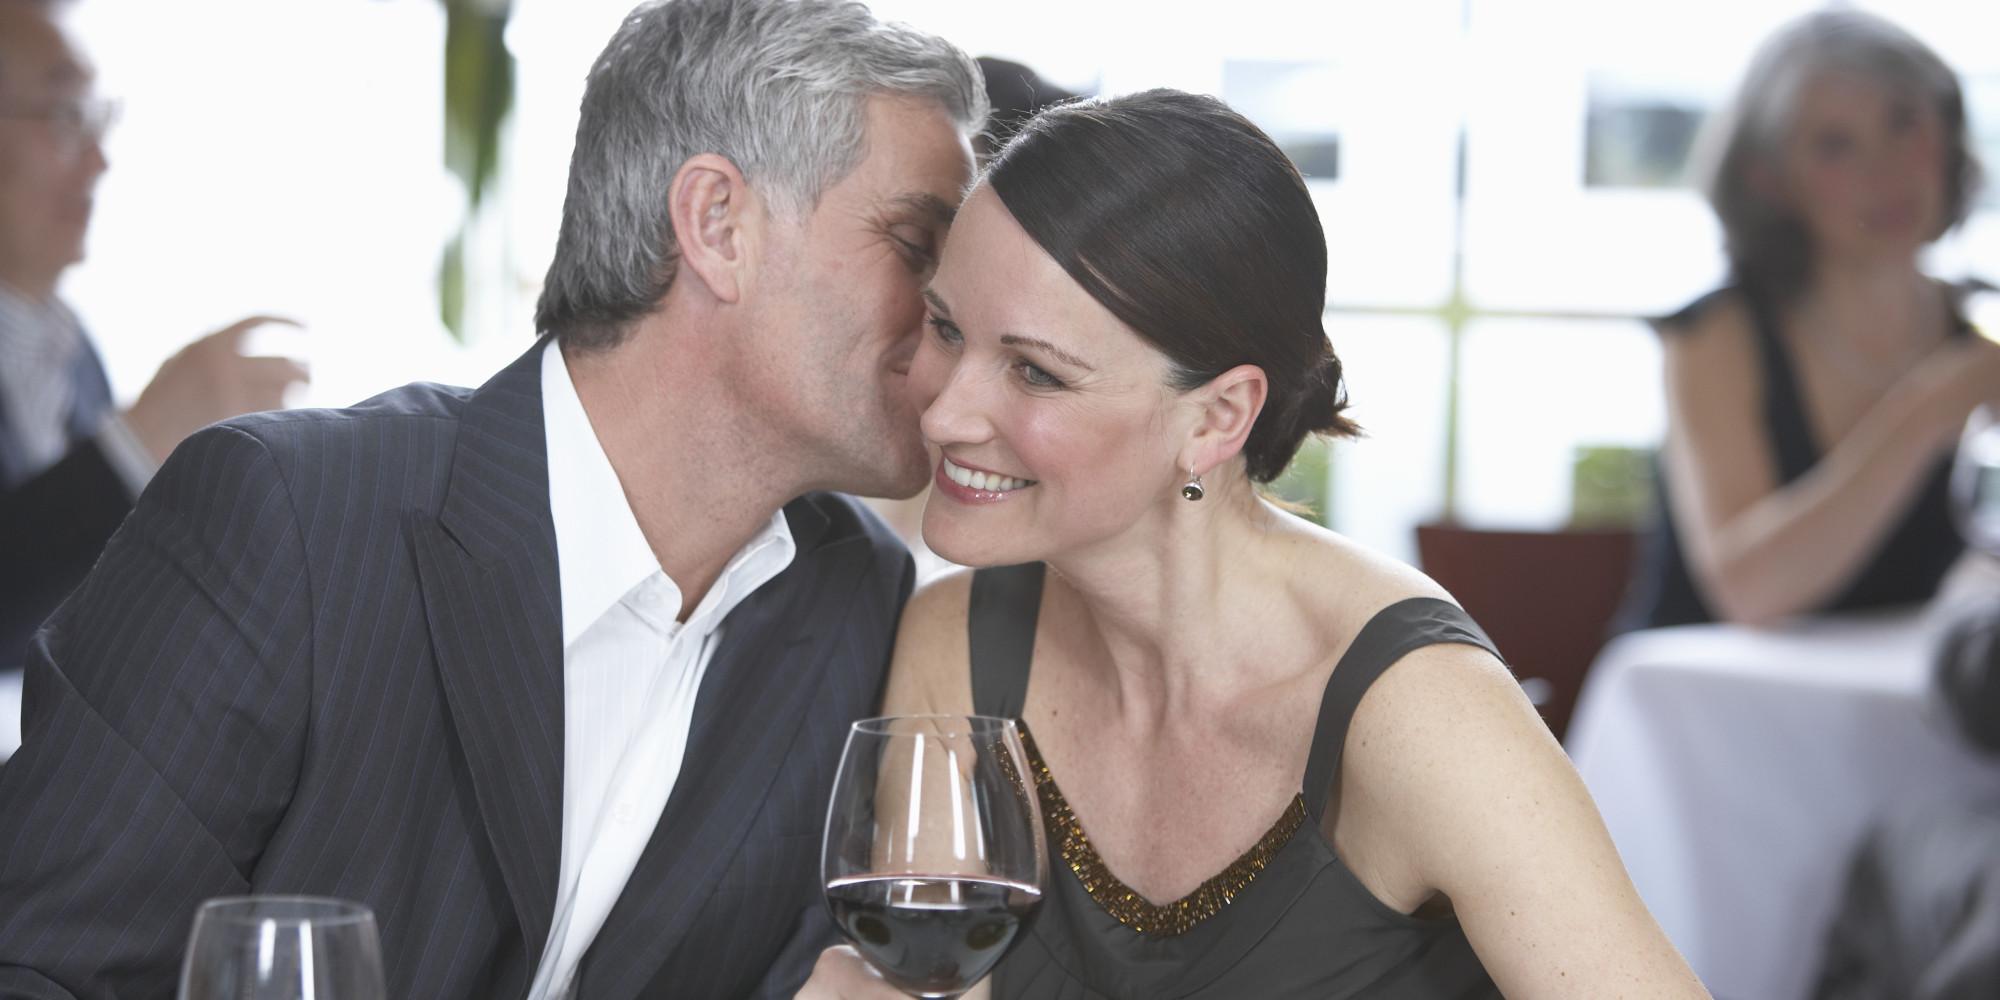 Modern Man Valentine's Day Prep – Fun Valentine's Date Night in our 40s